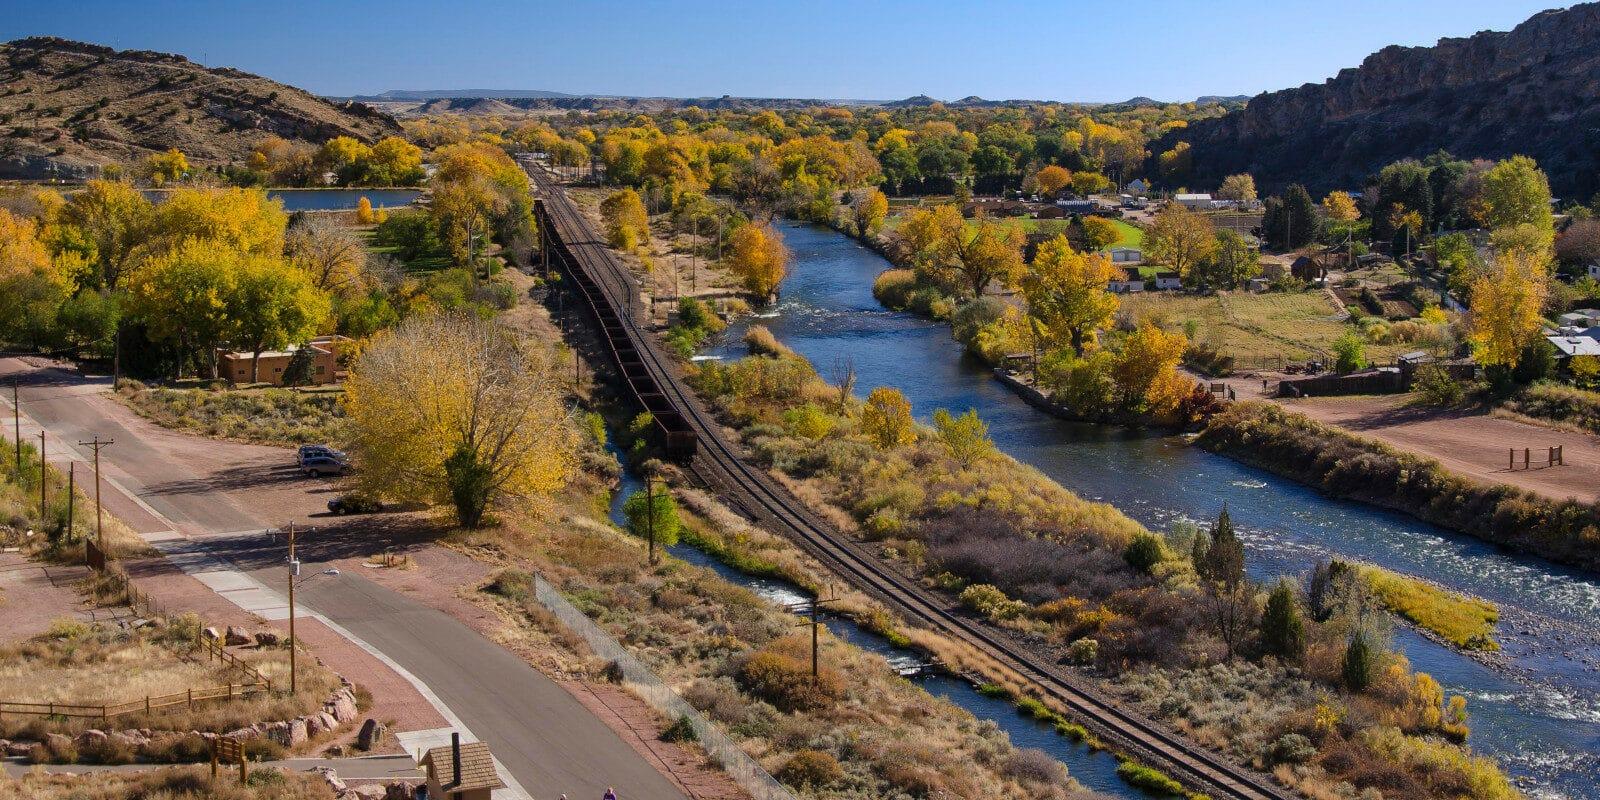 Cañon City, Colorado